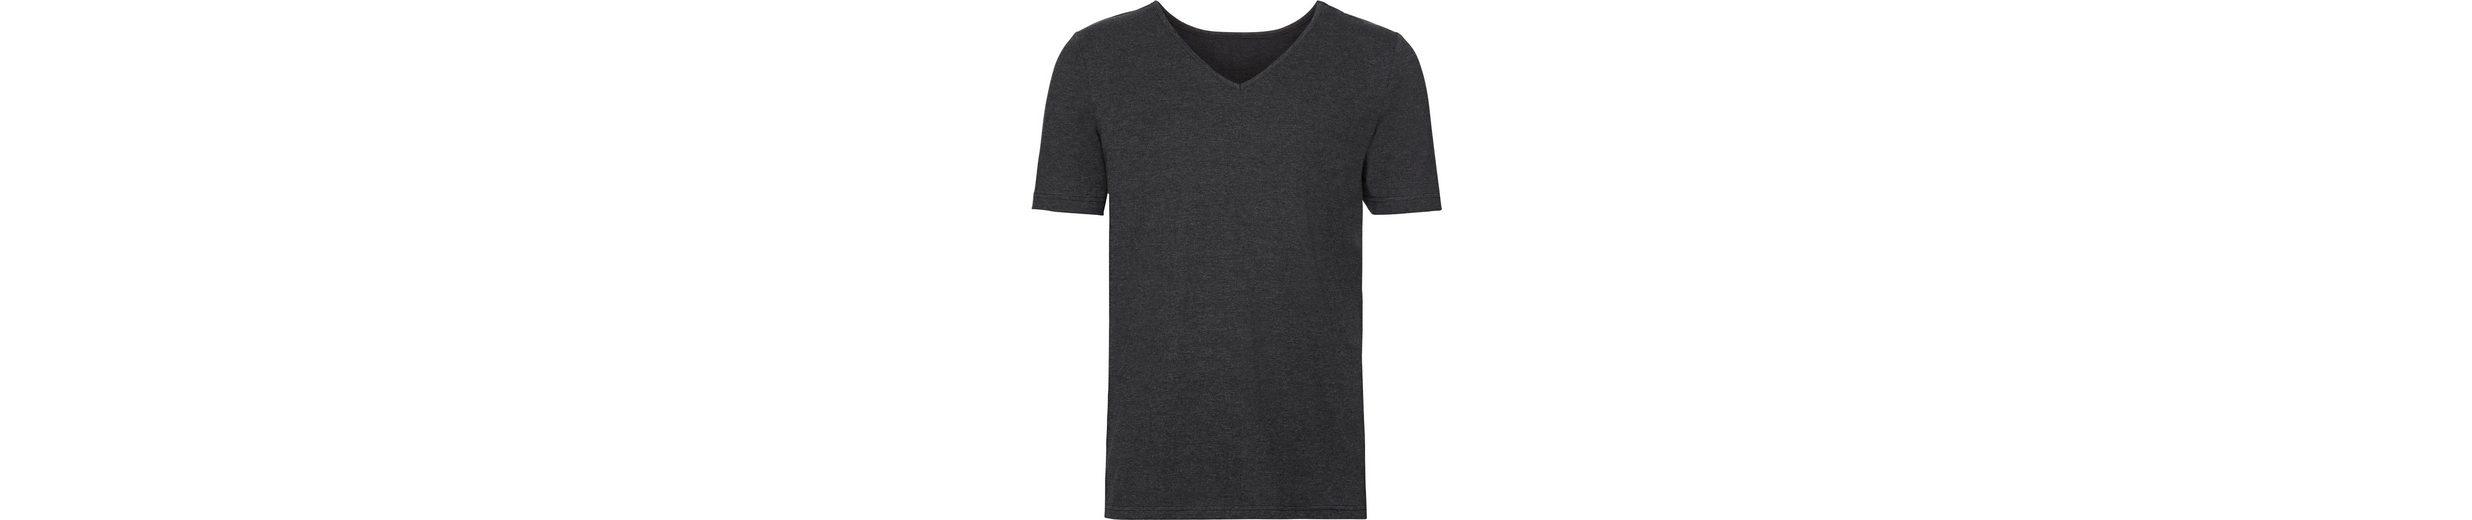 w盲schepur Shirt Shirt w盲schepur mit Ausschnitt V Ausschnitt w盲schepur V mit wpOqt1ng